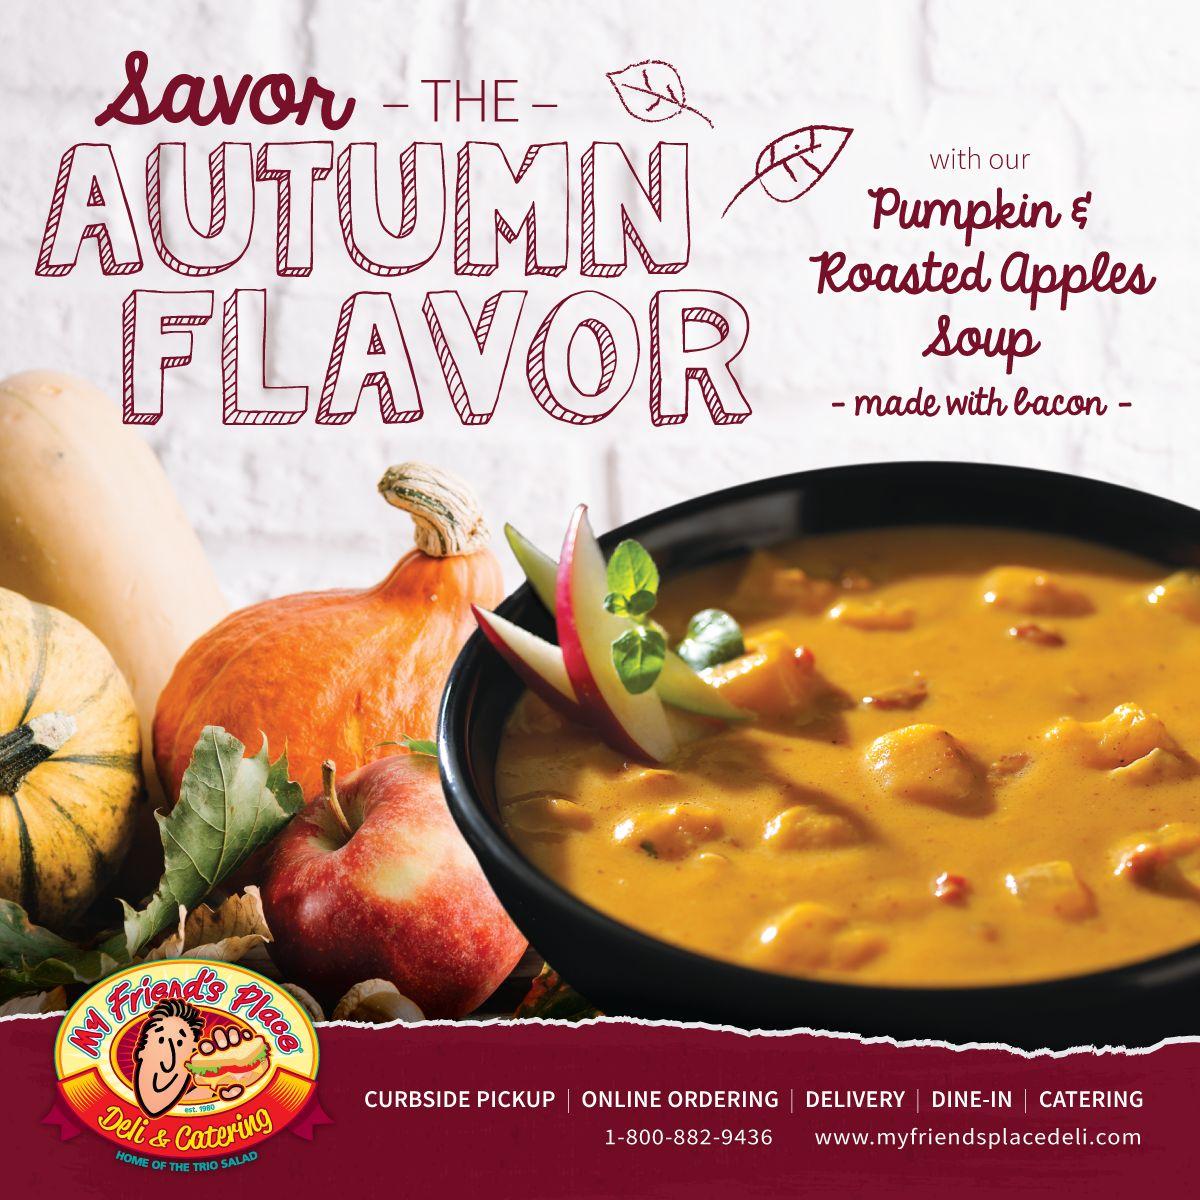 My Friend's Place Deli Announces Pumpkin, Roasted Apple Soup LTO